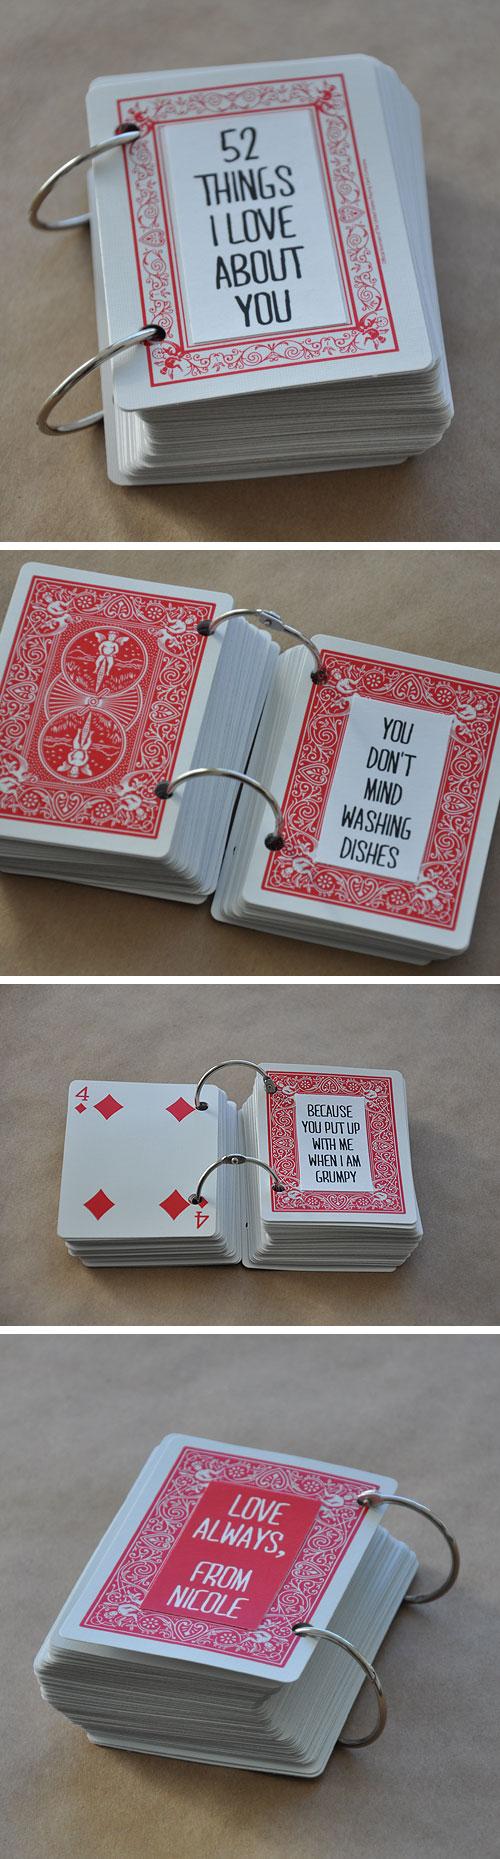 25 Handmade Gifts for Men : lovegift2012 from www.positivelysplendid.com size 500 x 1859 jpeg 212kB